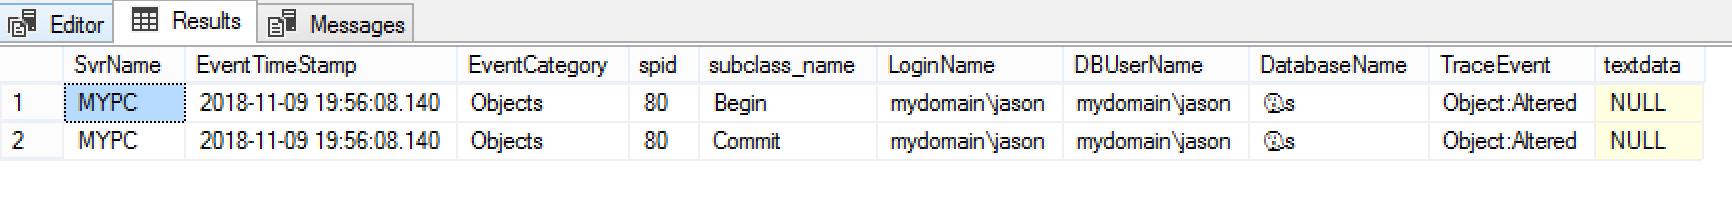 Audit Database Offline Events | SQL RNNR